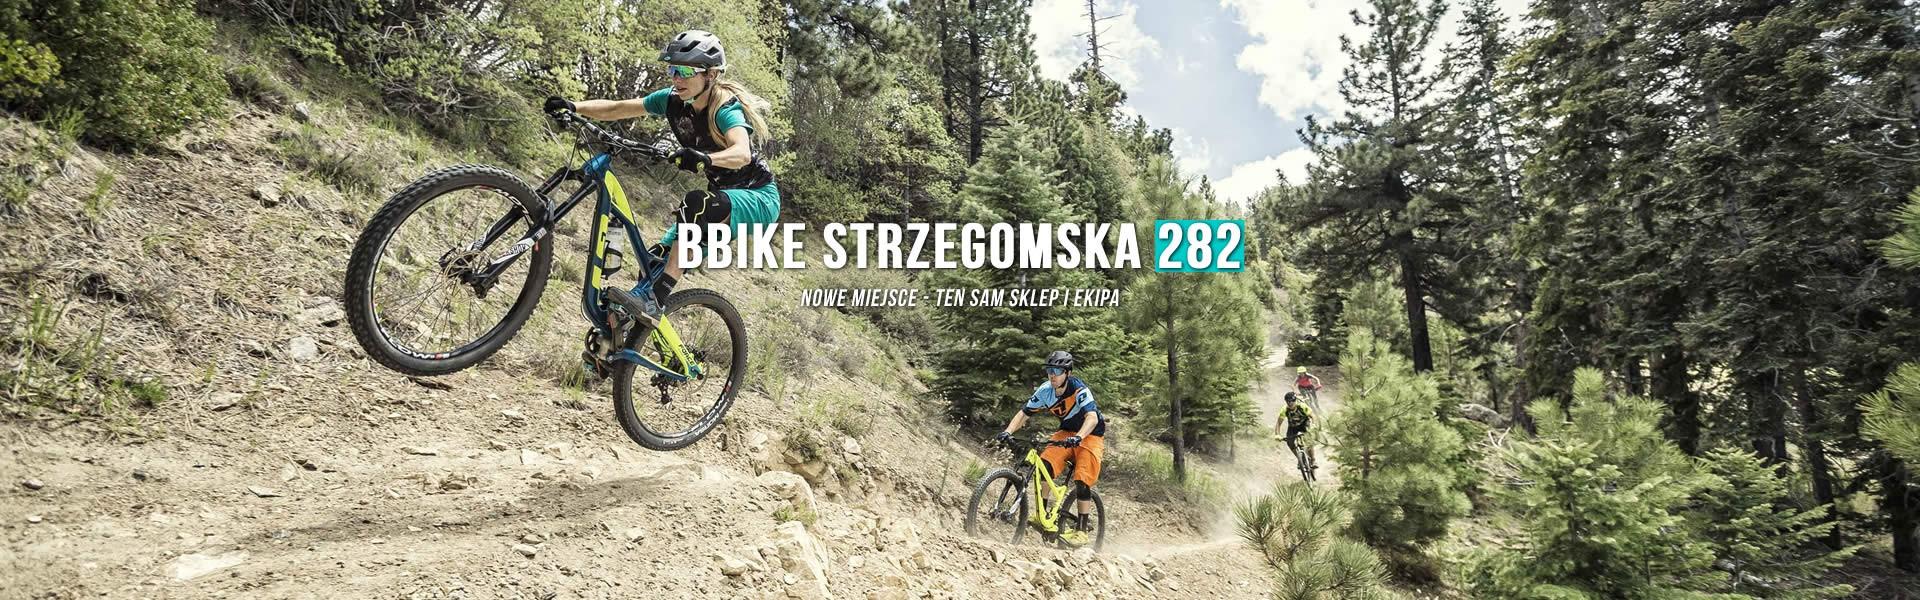 Bbike, Rowery Wrocław, Strzegomska 282